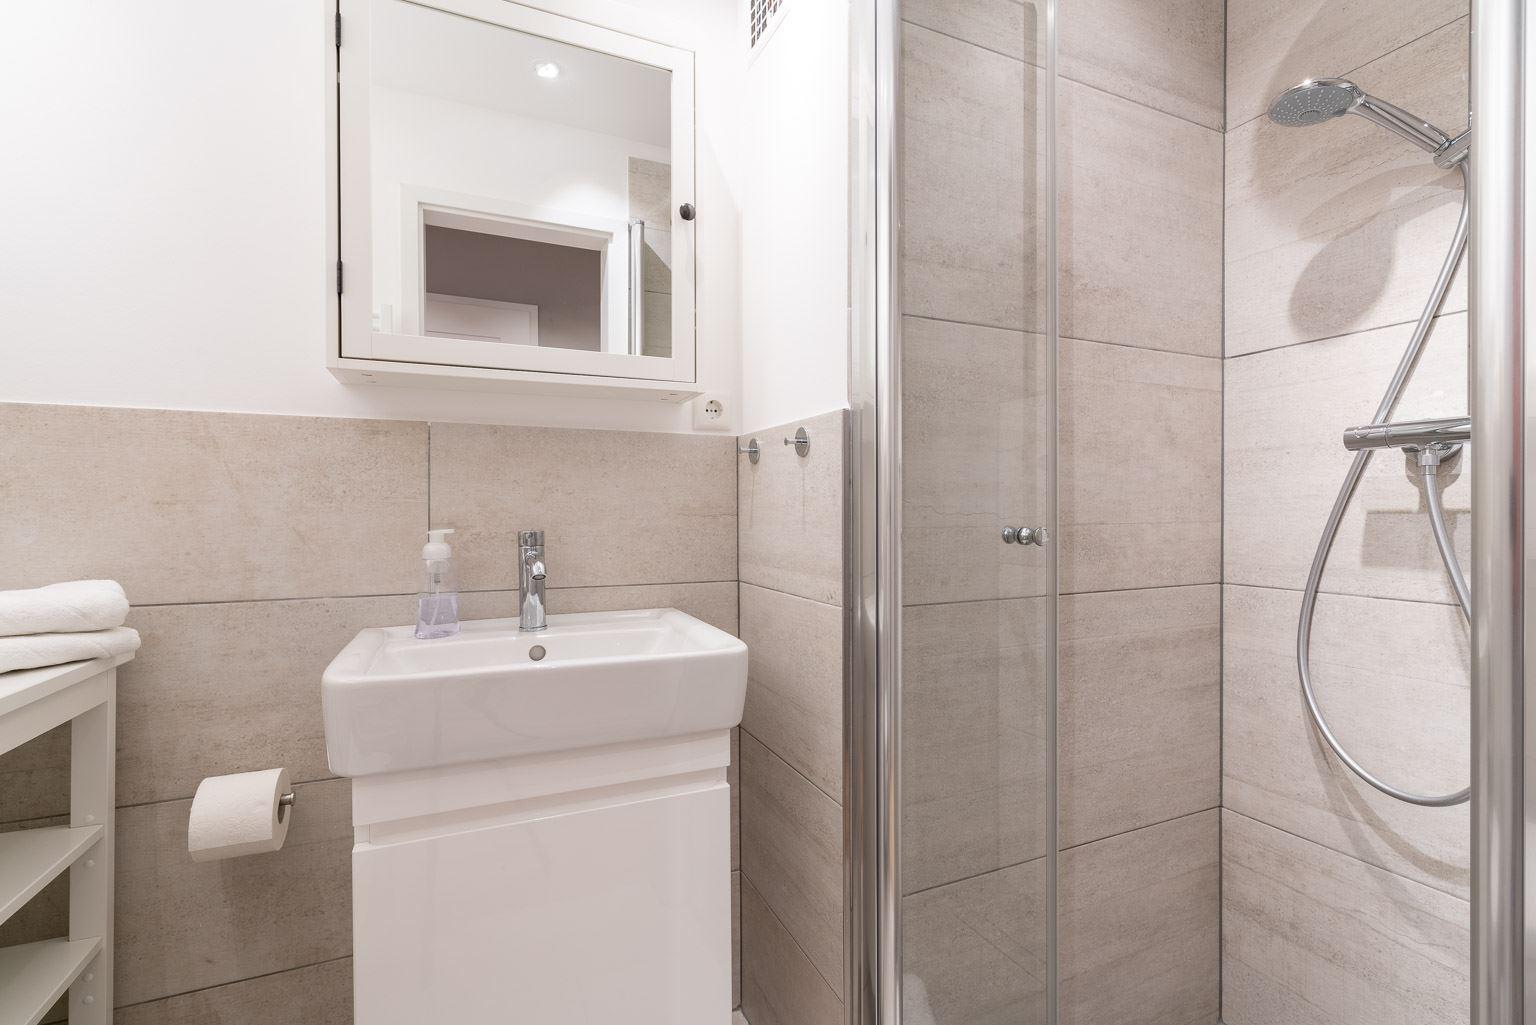 Badezimmer - St Peter Ording Bad, Haus Fritz Wischer Strasse 5, Wohnung 6